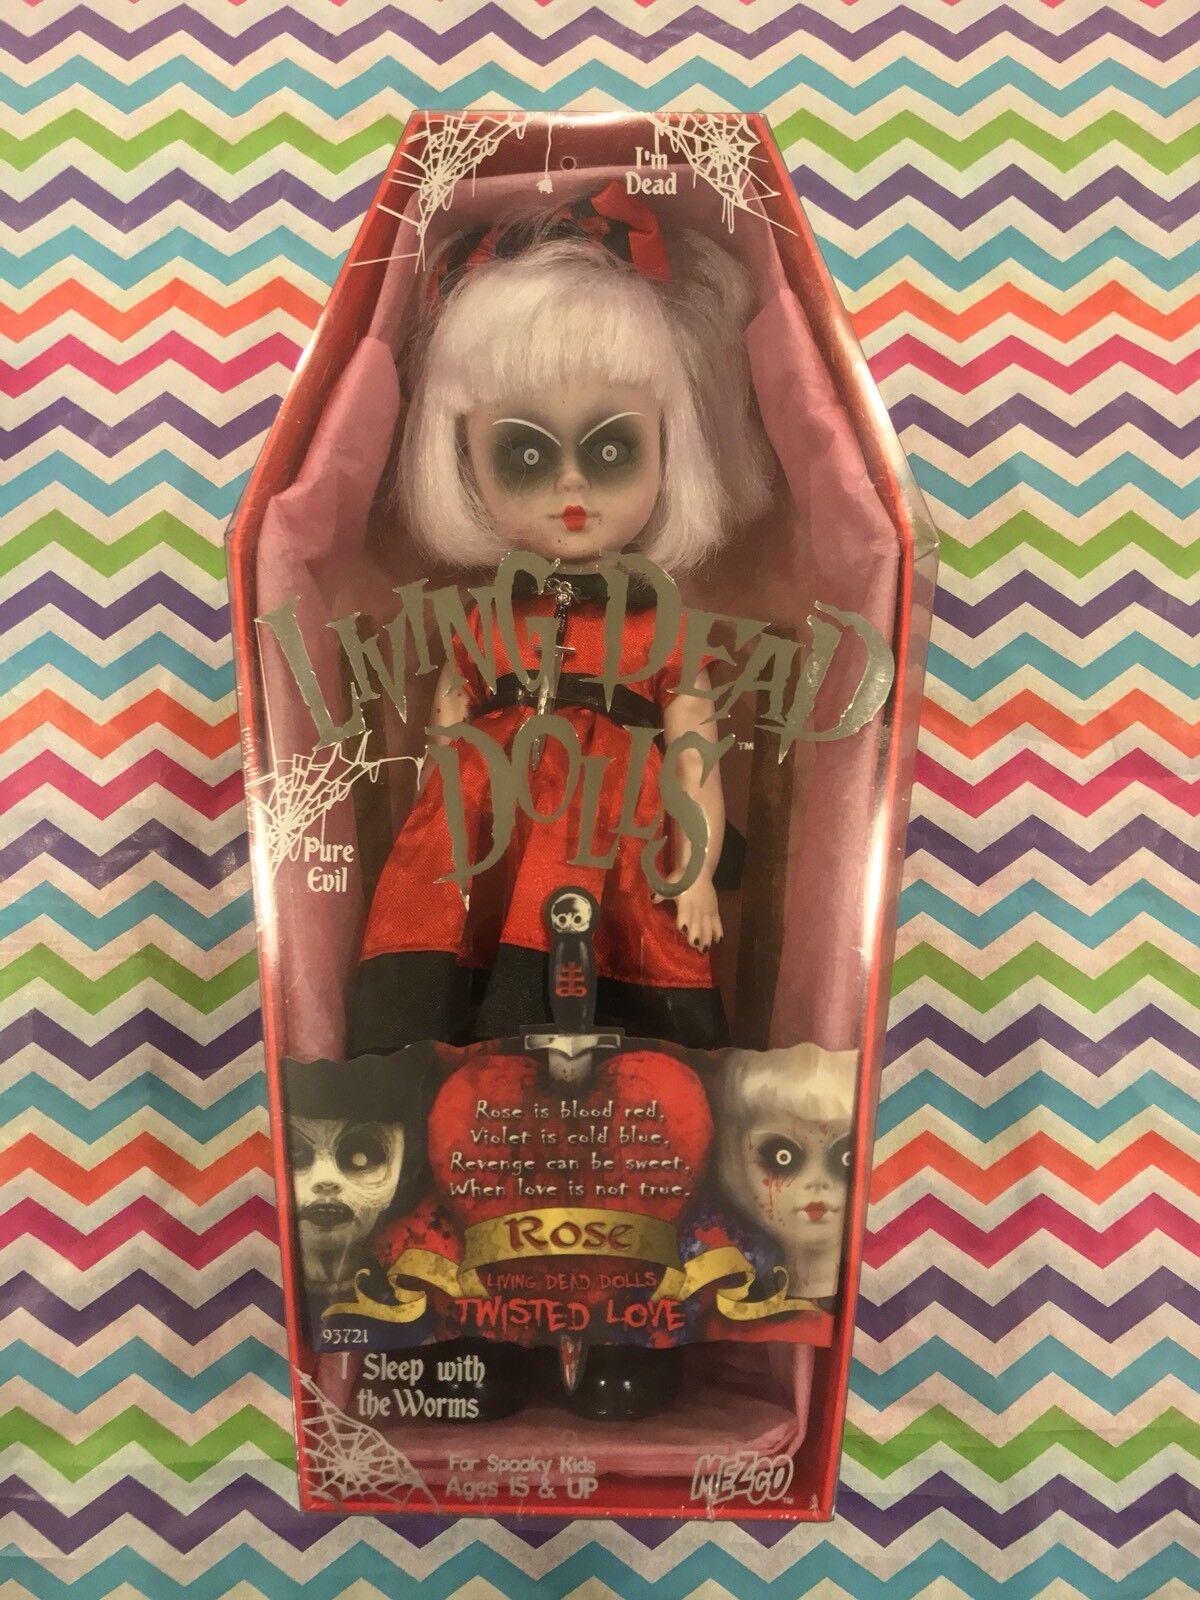 Living Dead Dolls trenzado amor rosado Sellado Envío Gratis